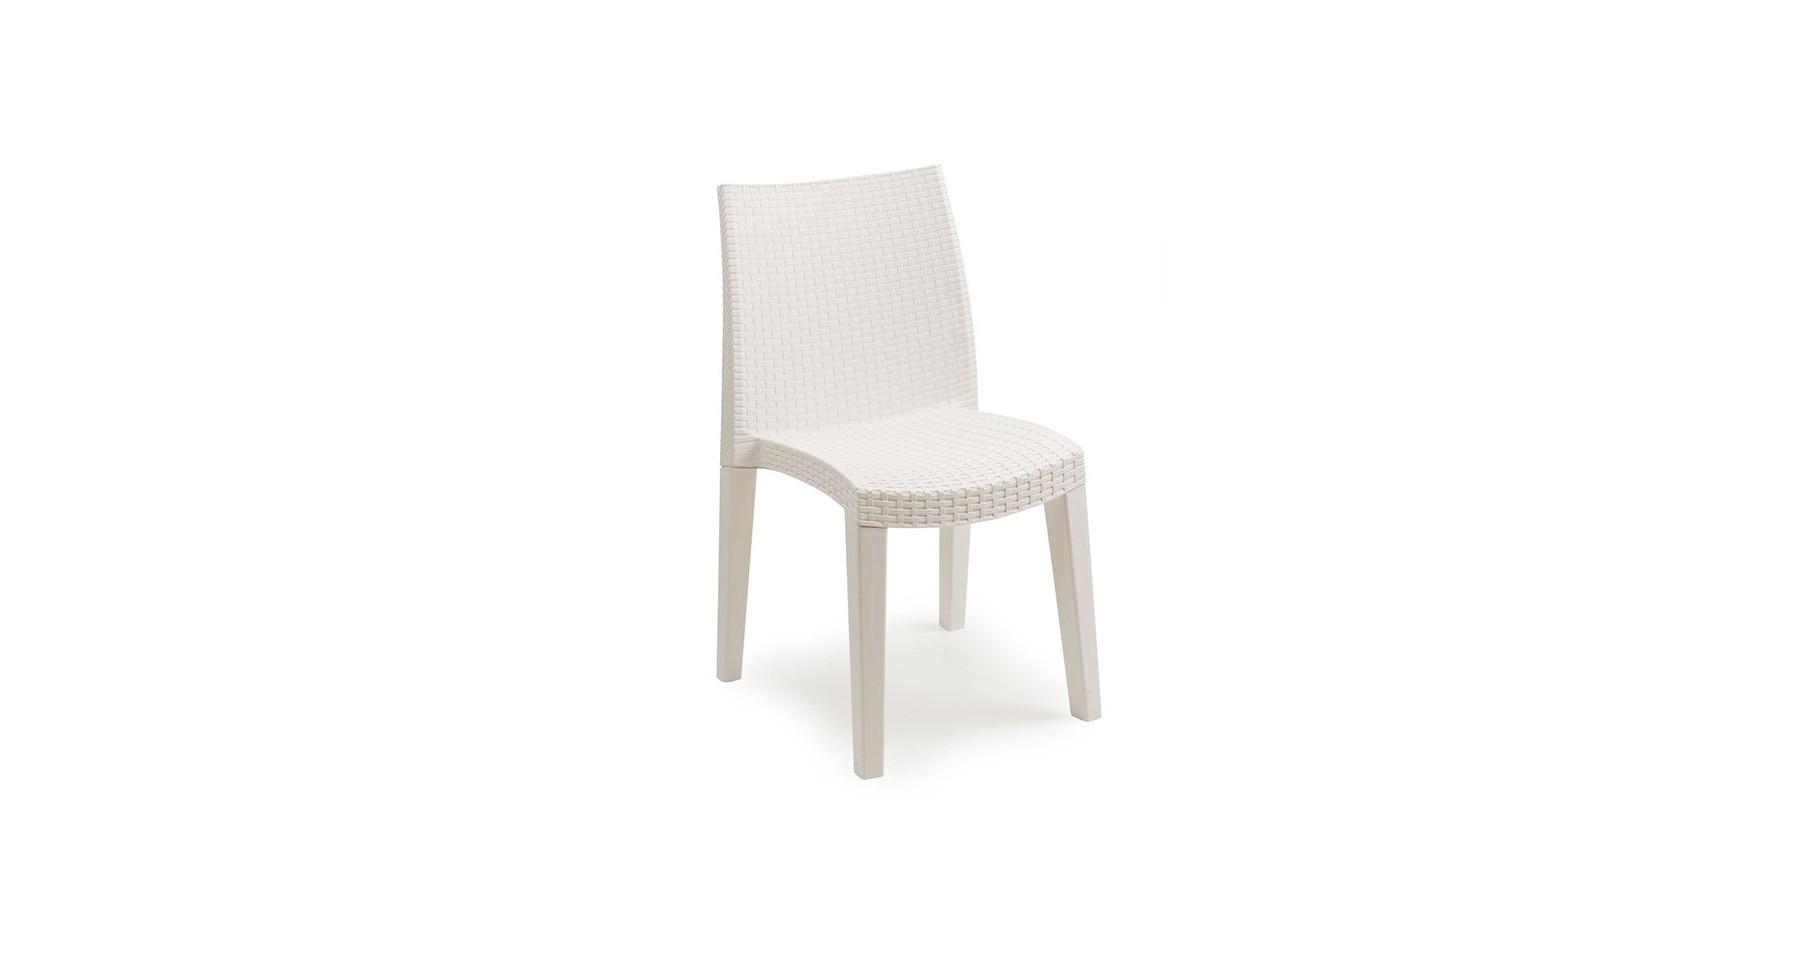 Chaise De Jardin Empilable Blanche Style Résine Tressée Bliss intérieur Chaise De Jardin Blanche